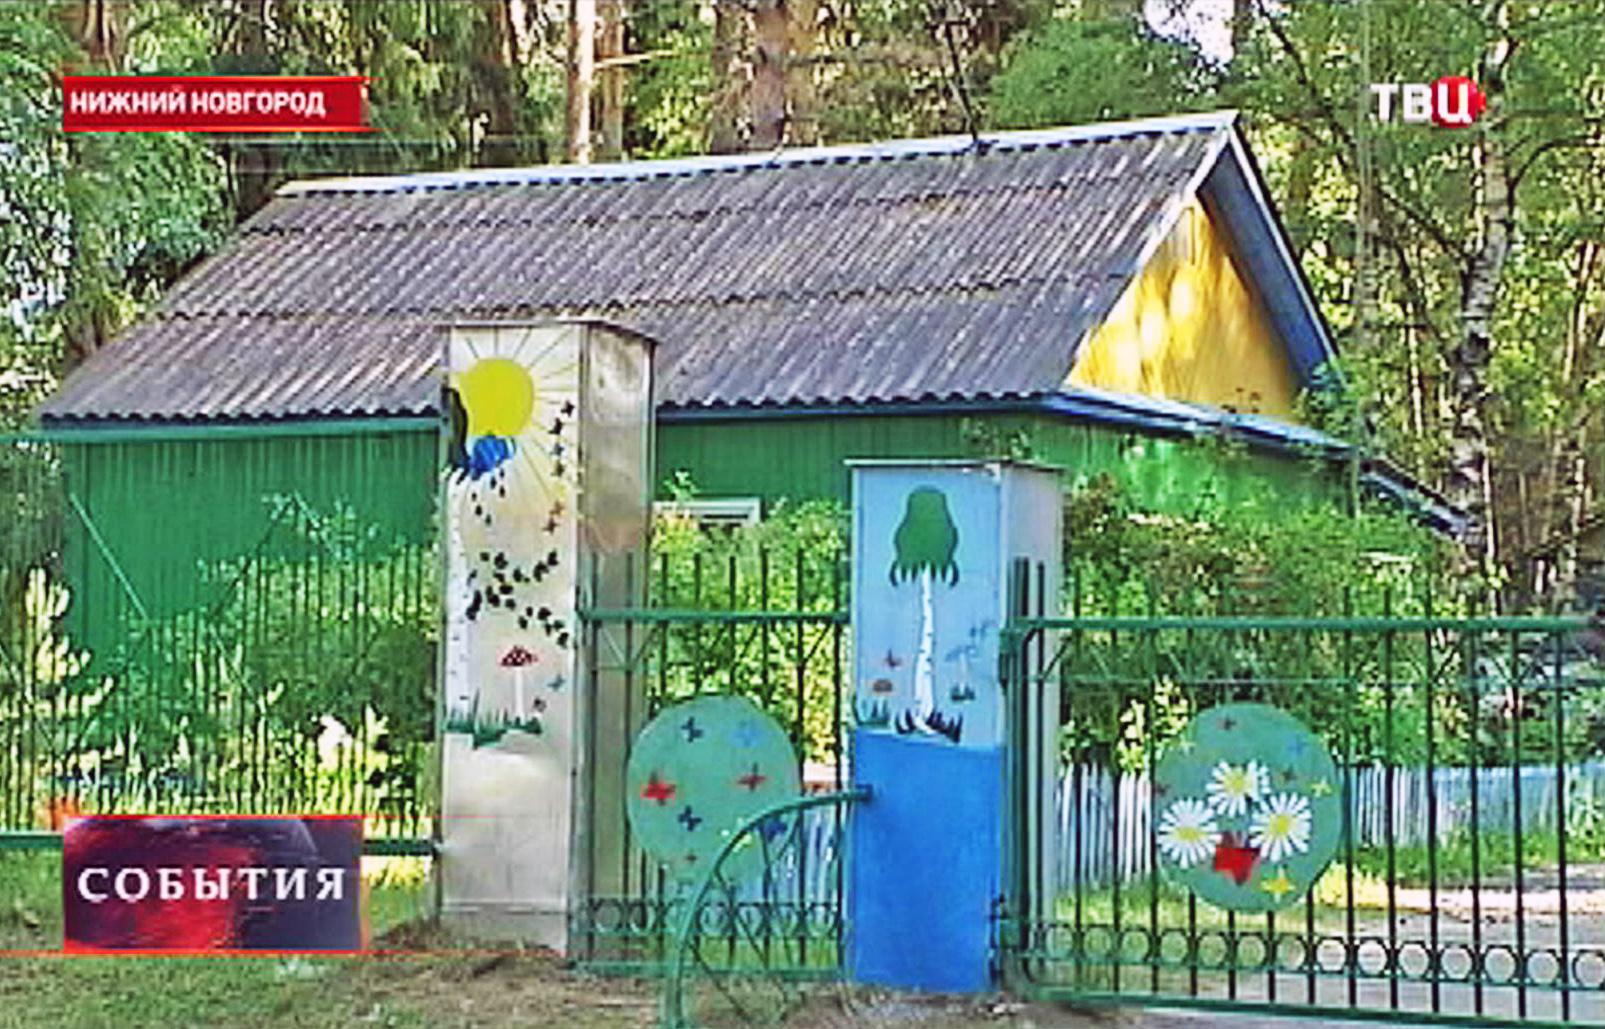 Детский лагерь в Нижнем Новгороде